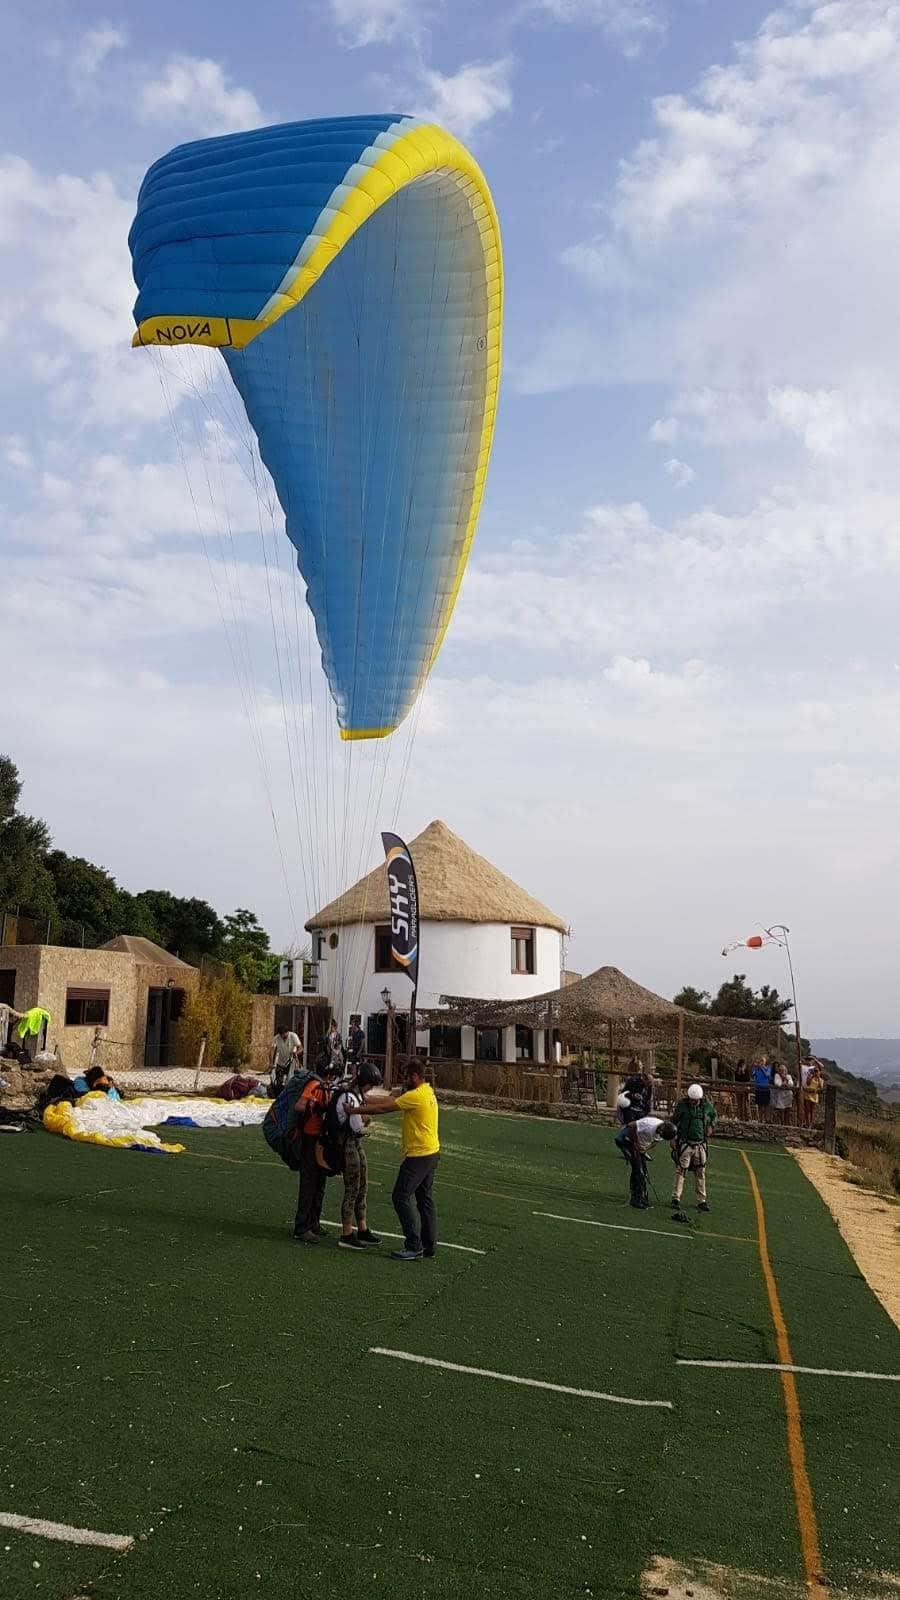 Volar en Parapente Cadiz parapente vejer Re-Animandonos… a volar en Parapente Vejer IMG 20190712 WA0022